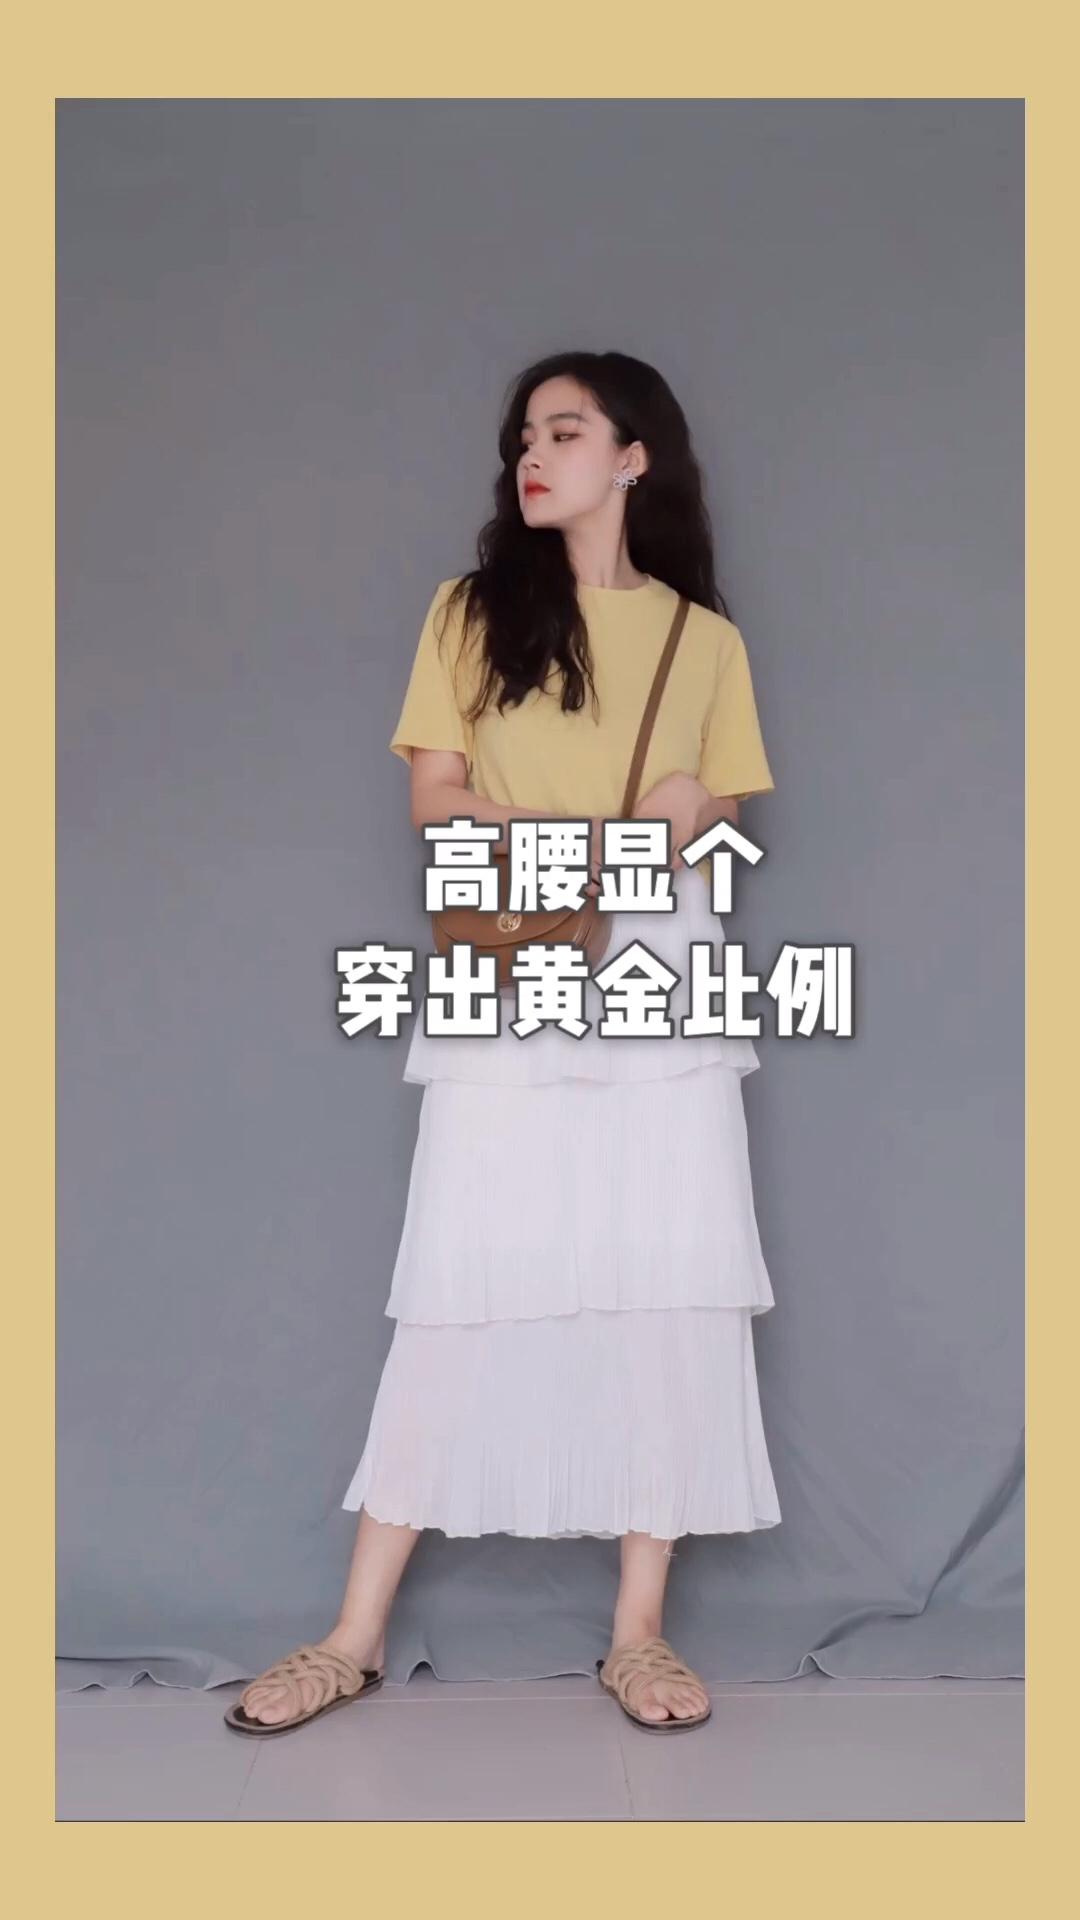 鹅黄色圆领短袖T恤搭配白色蛋糕半身裙 斜挎鞍马包 整套搭配甜美可爱#158矮妹短上衣,速戳!#